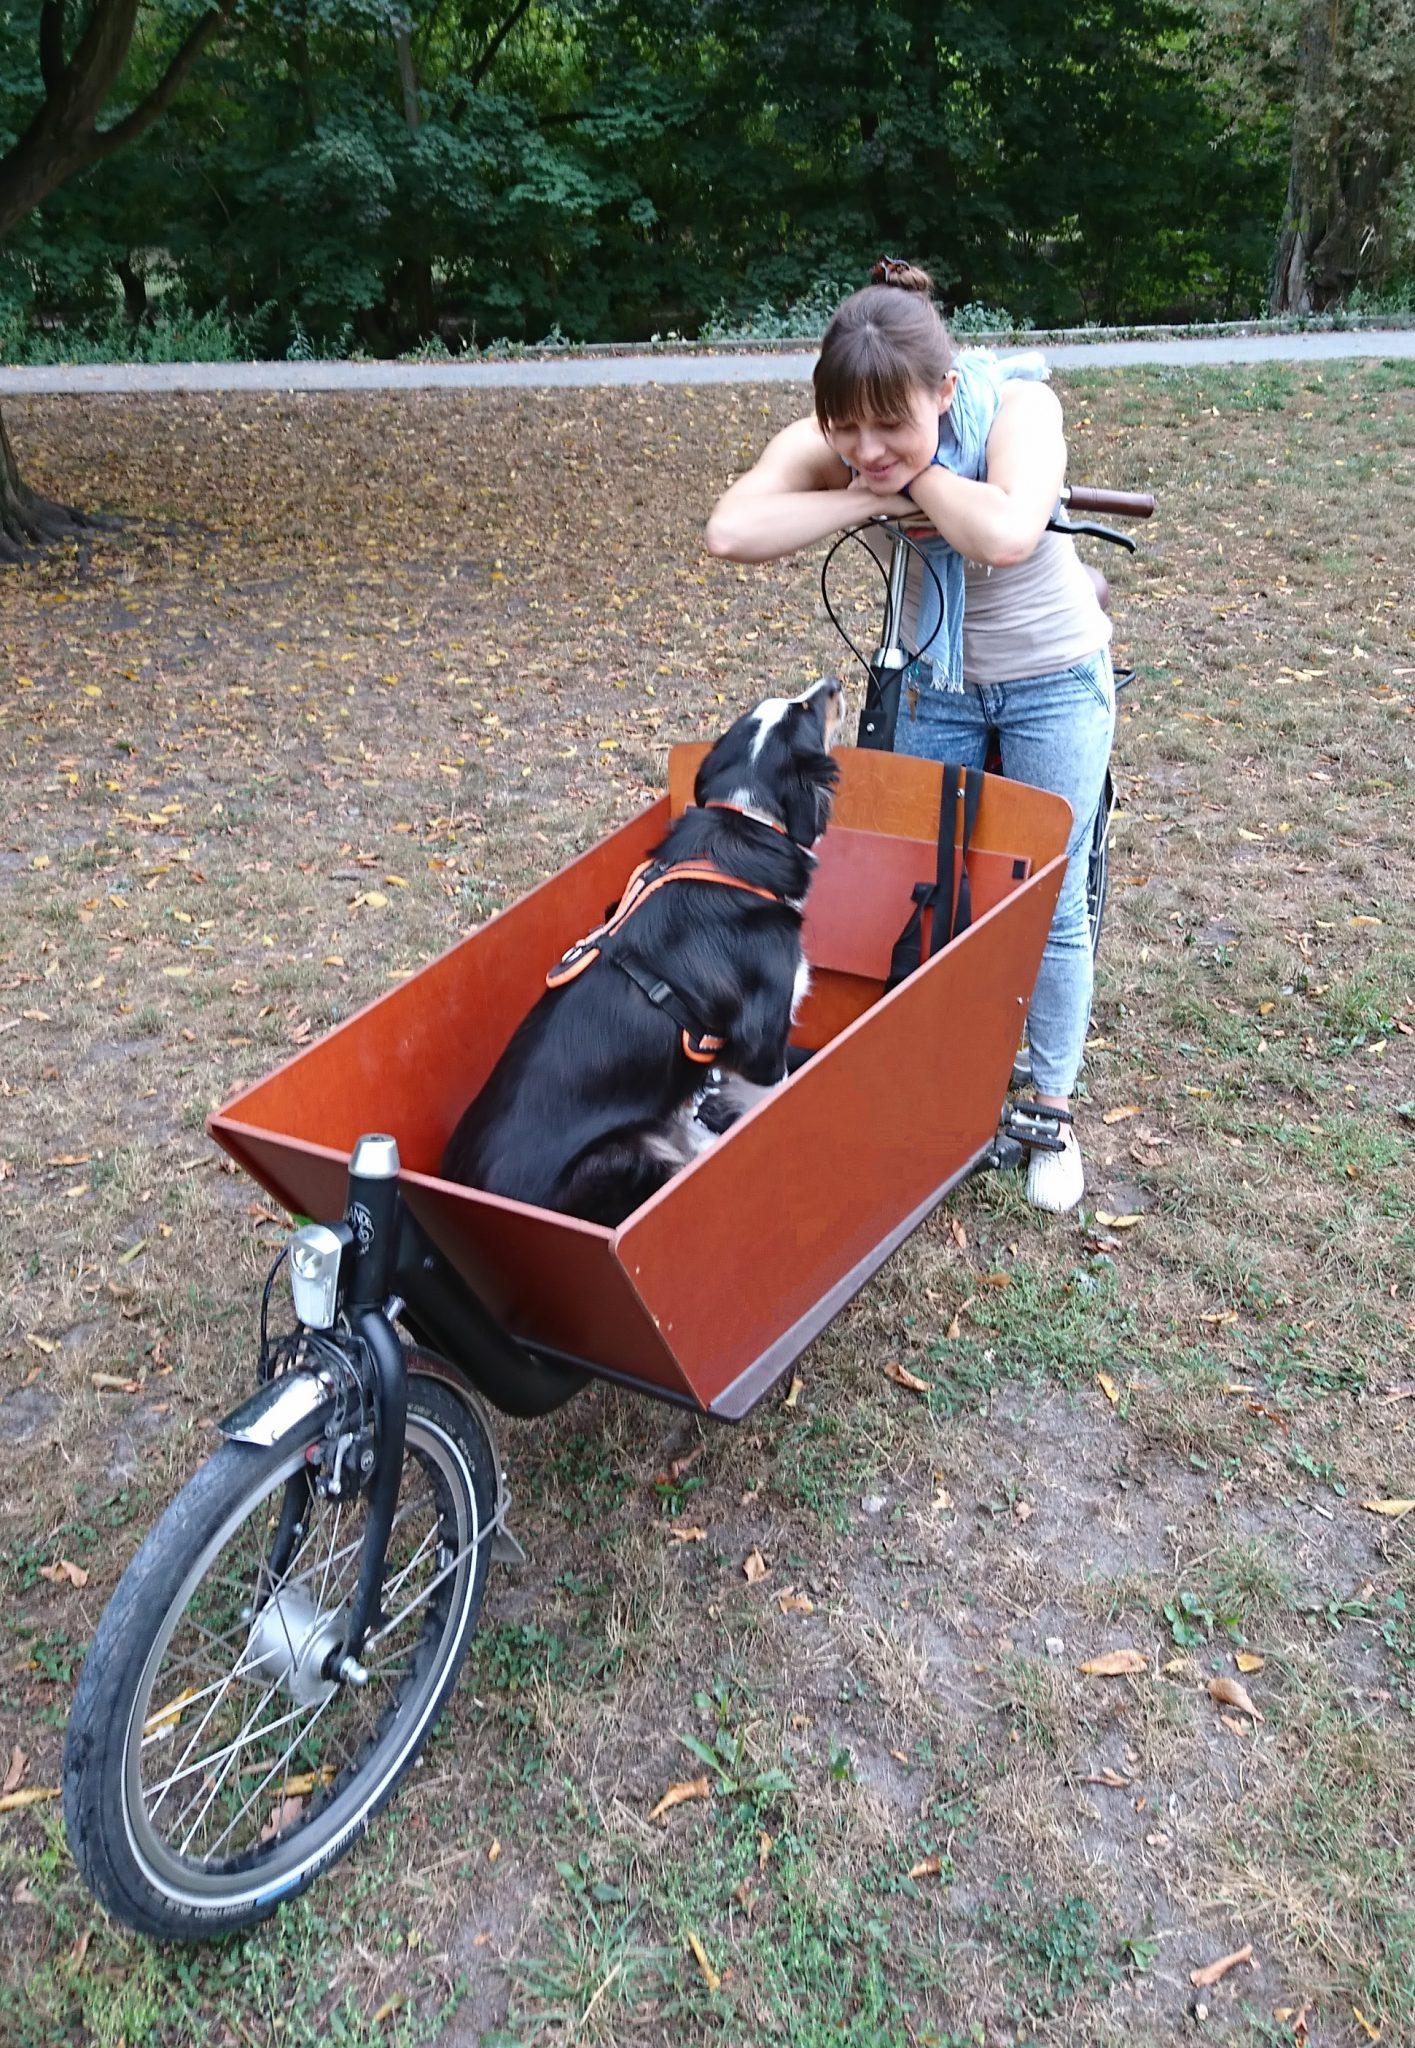 Bakfiets_Lastenrad mit Hund in der Transportkiste